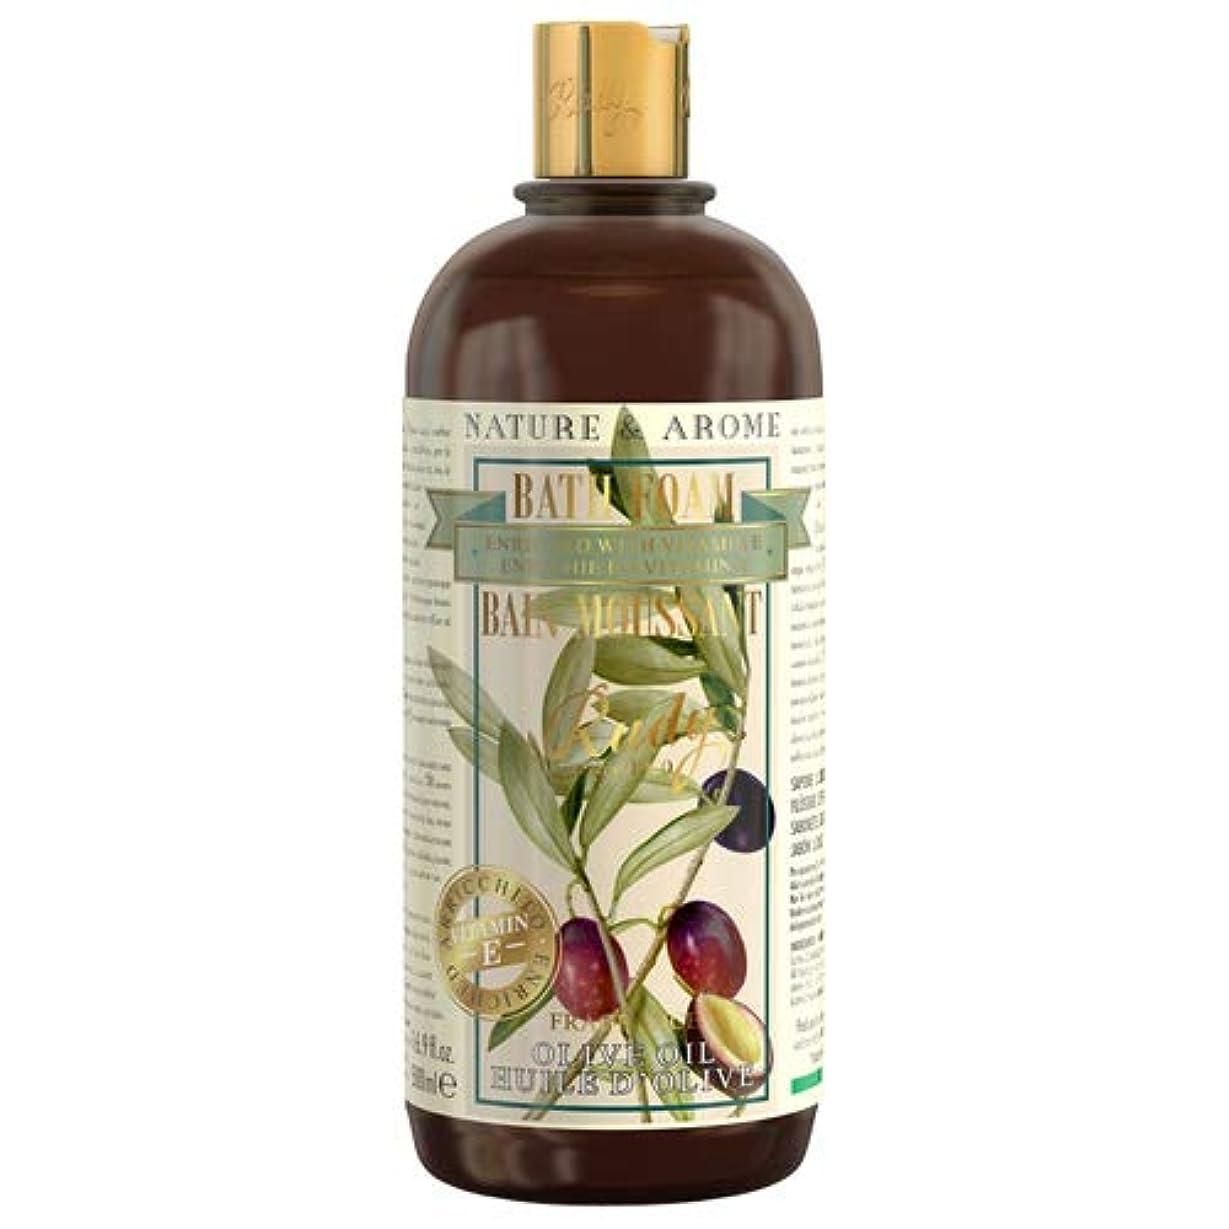 欲望スプリットアルコーブRUDY Nature&Arome Apothecary ネイチャーアロマ アポセカリー Bath & Shower Gel バス&シャワージェル Olive Oil オリーブオイル